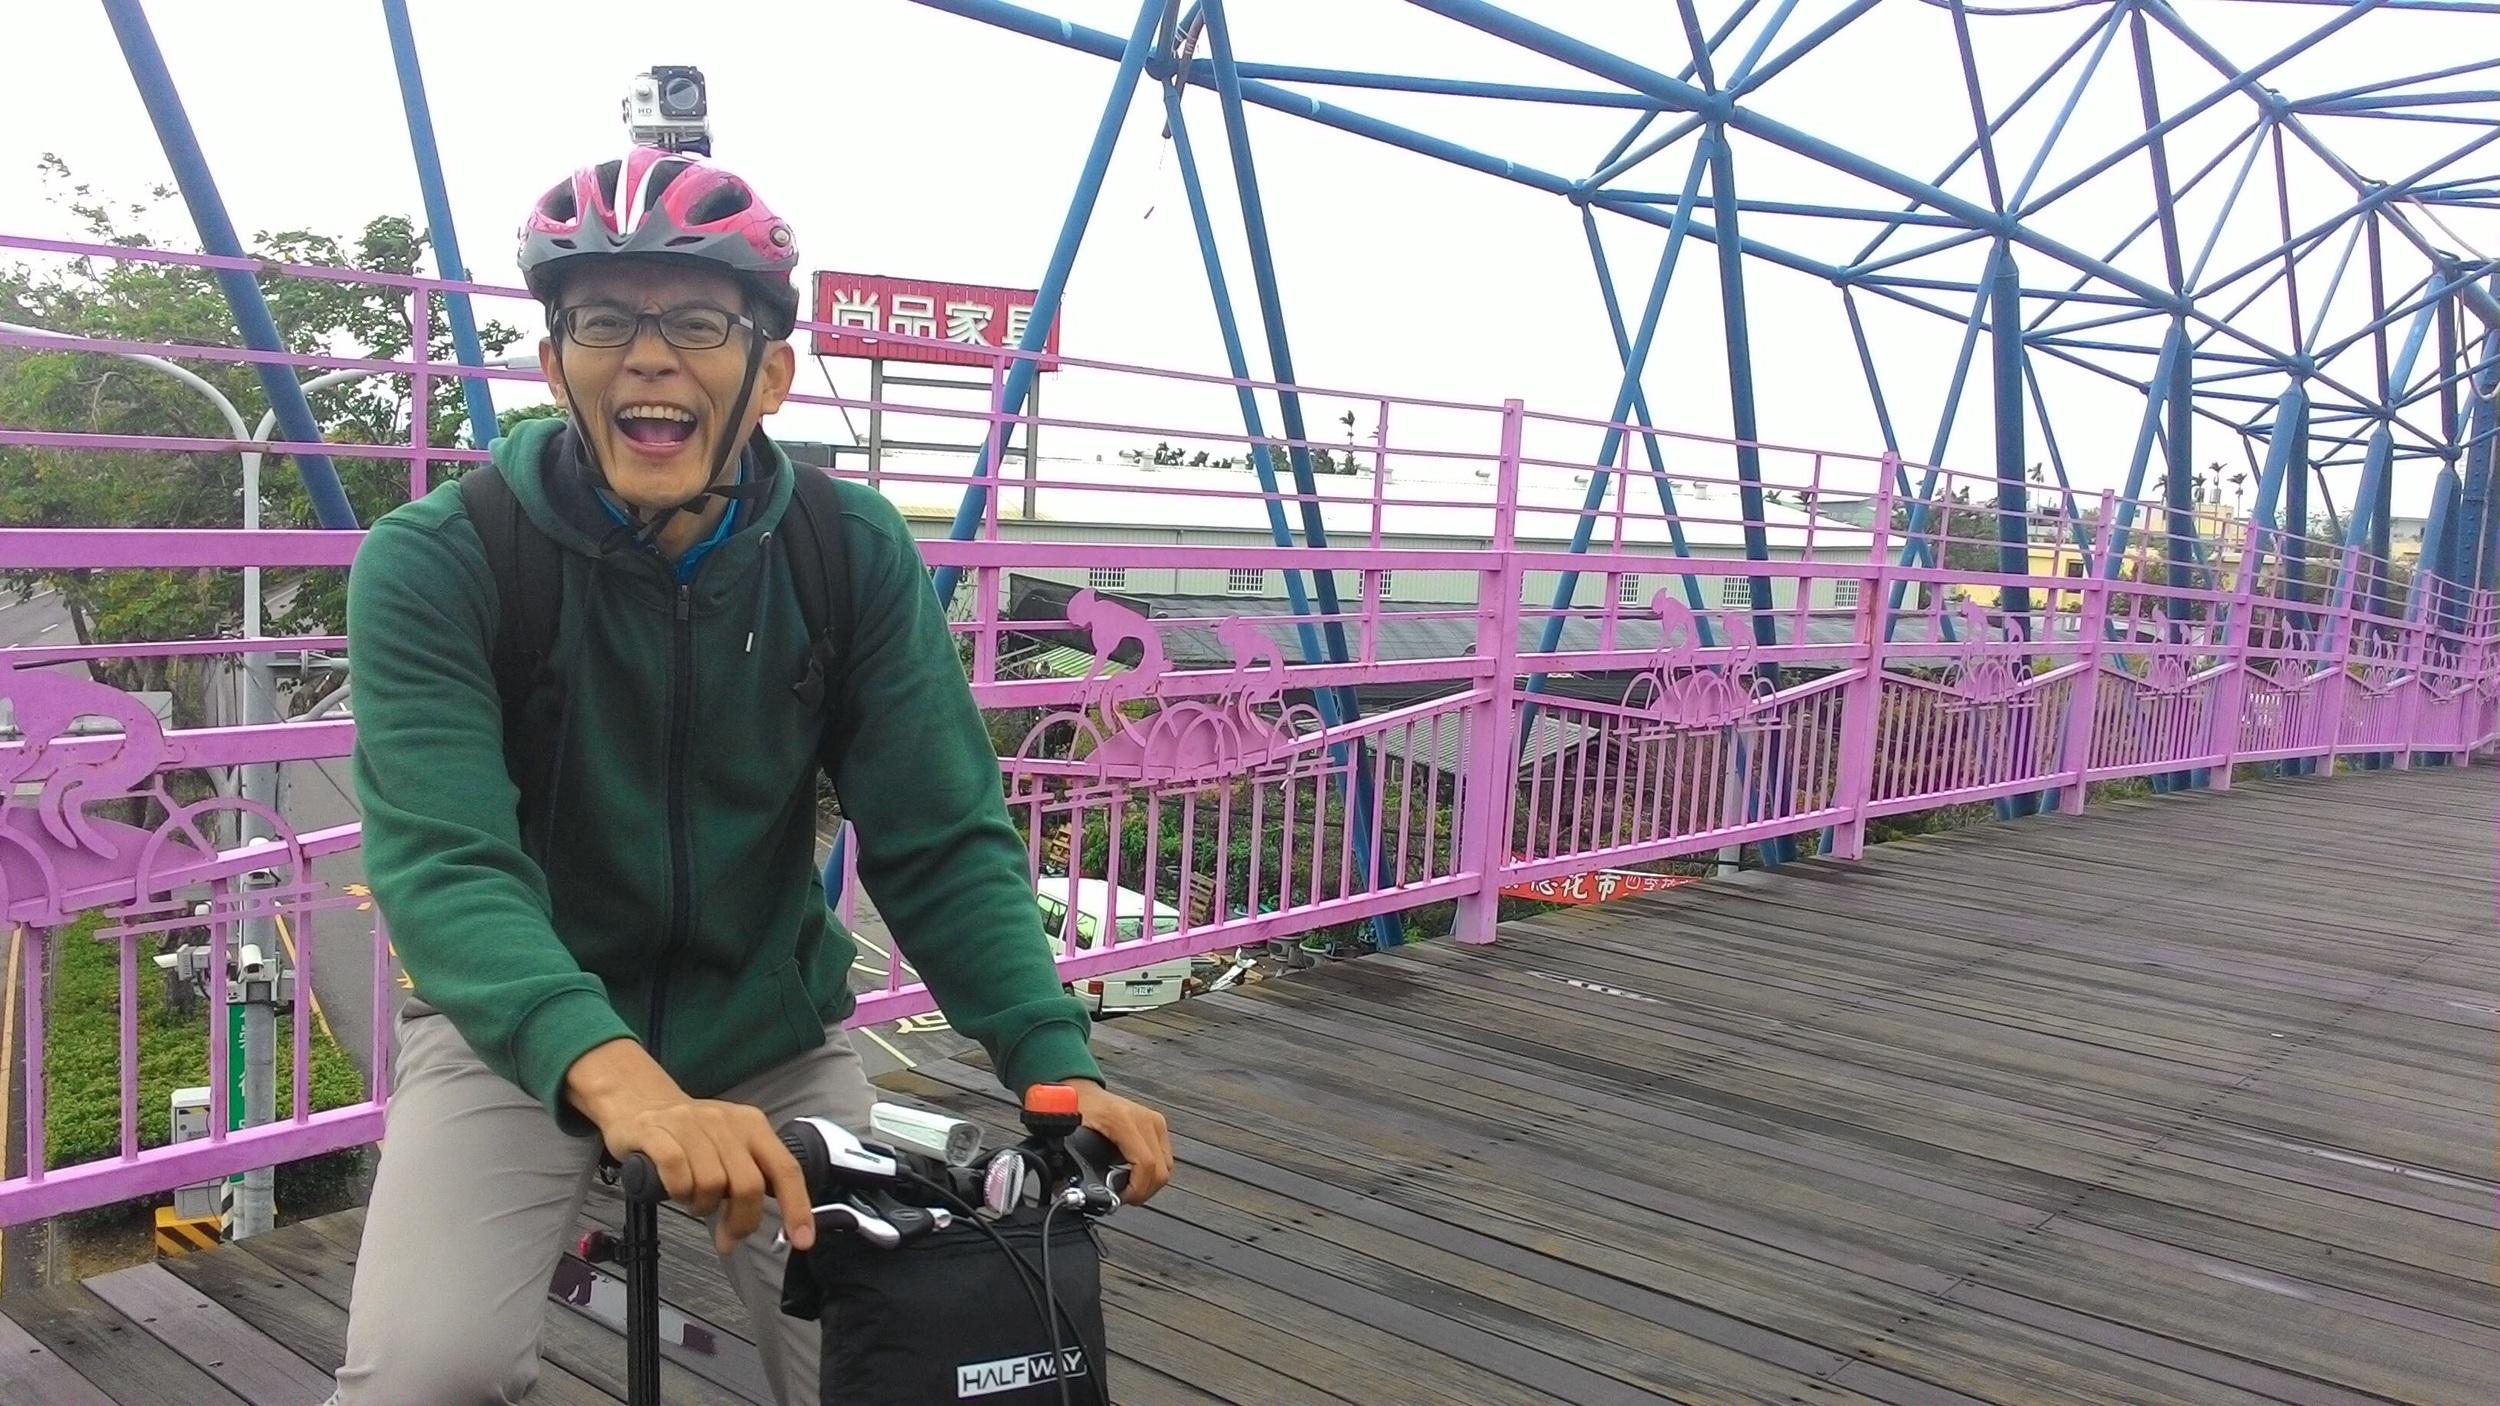 Having lots of fun Biking Taiwan